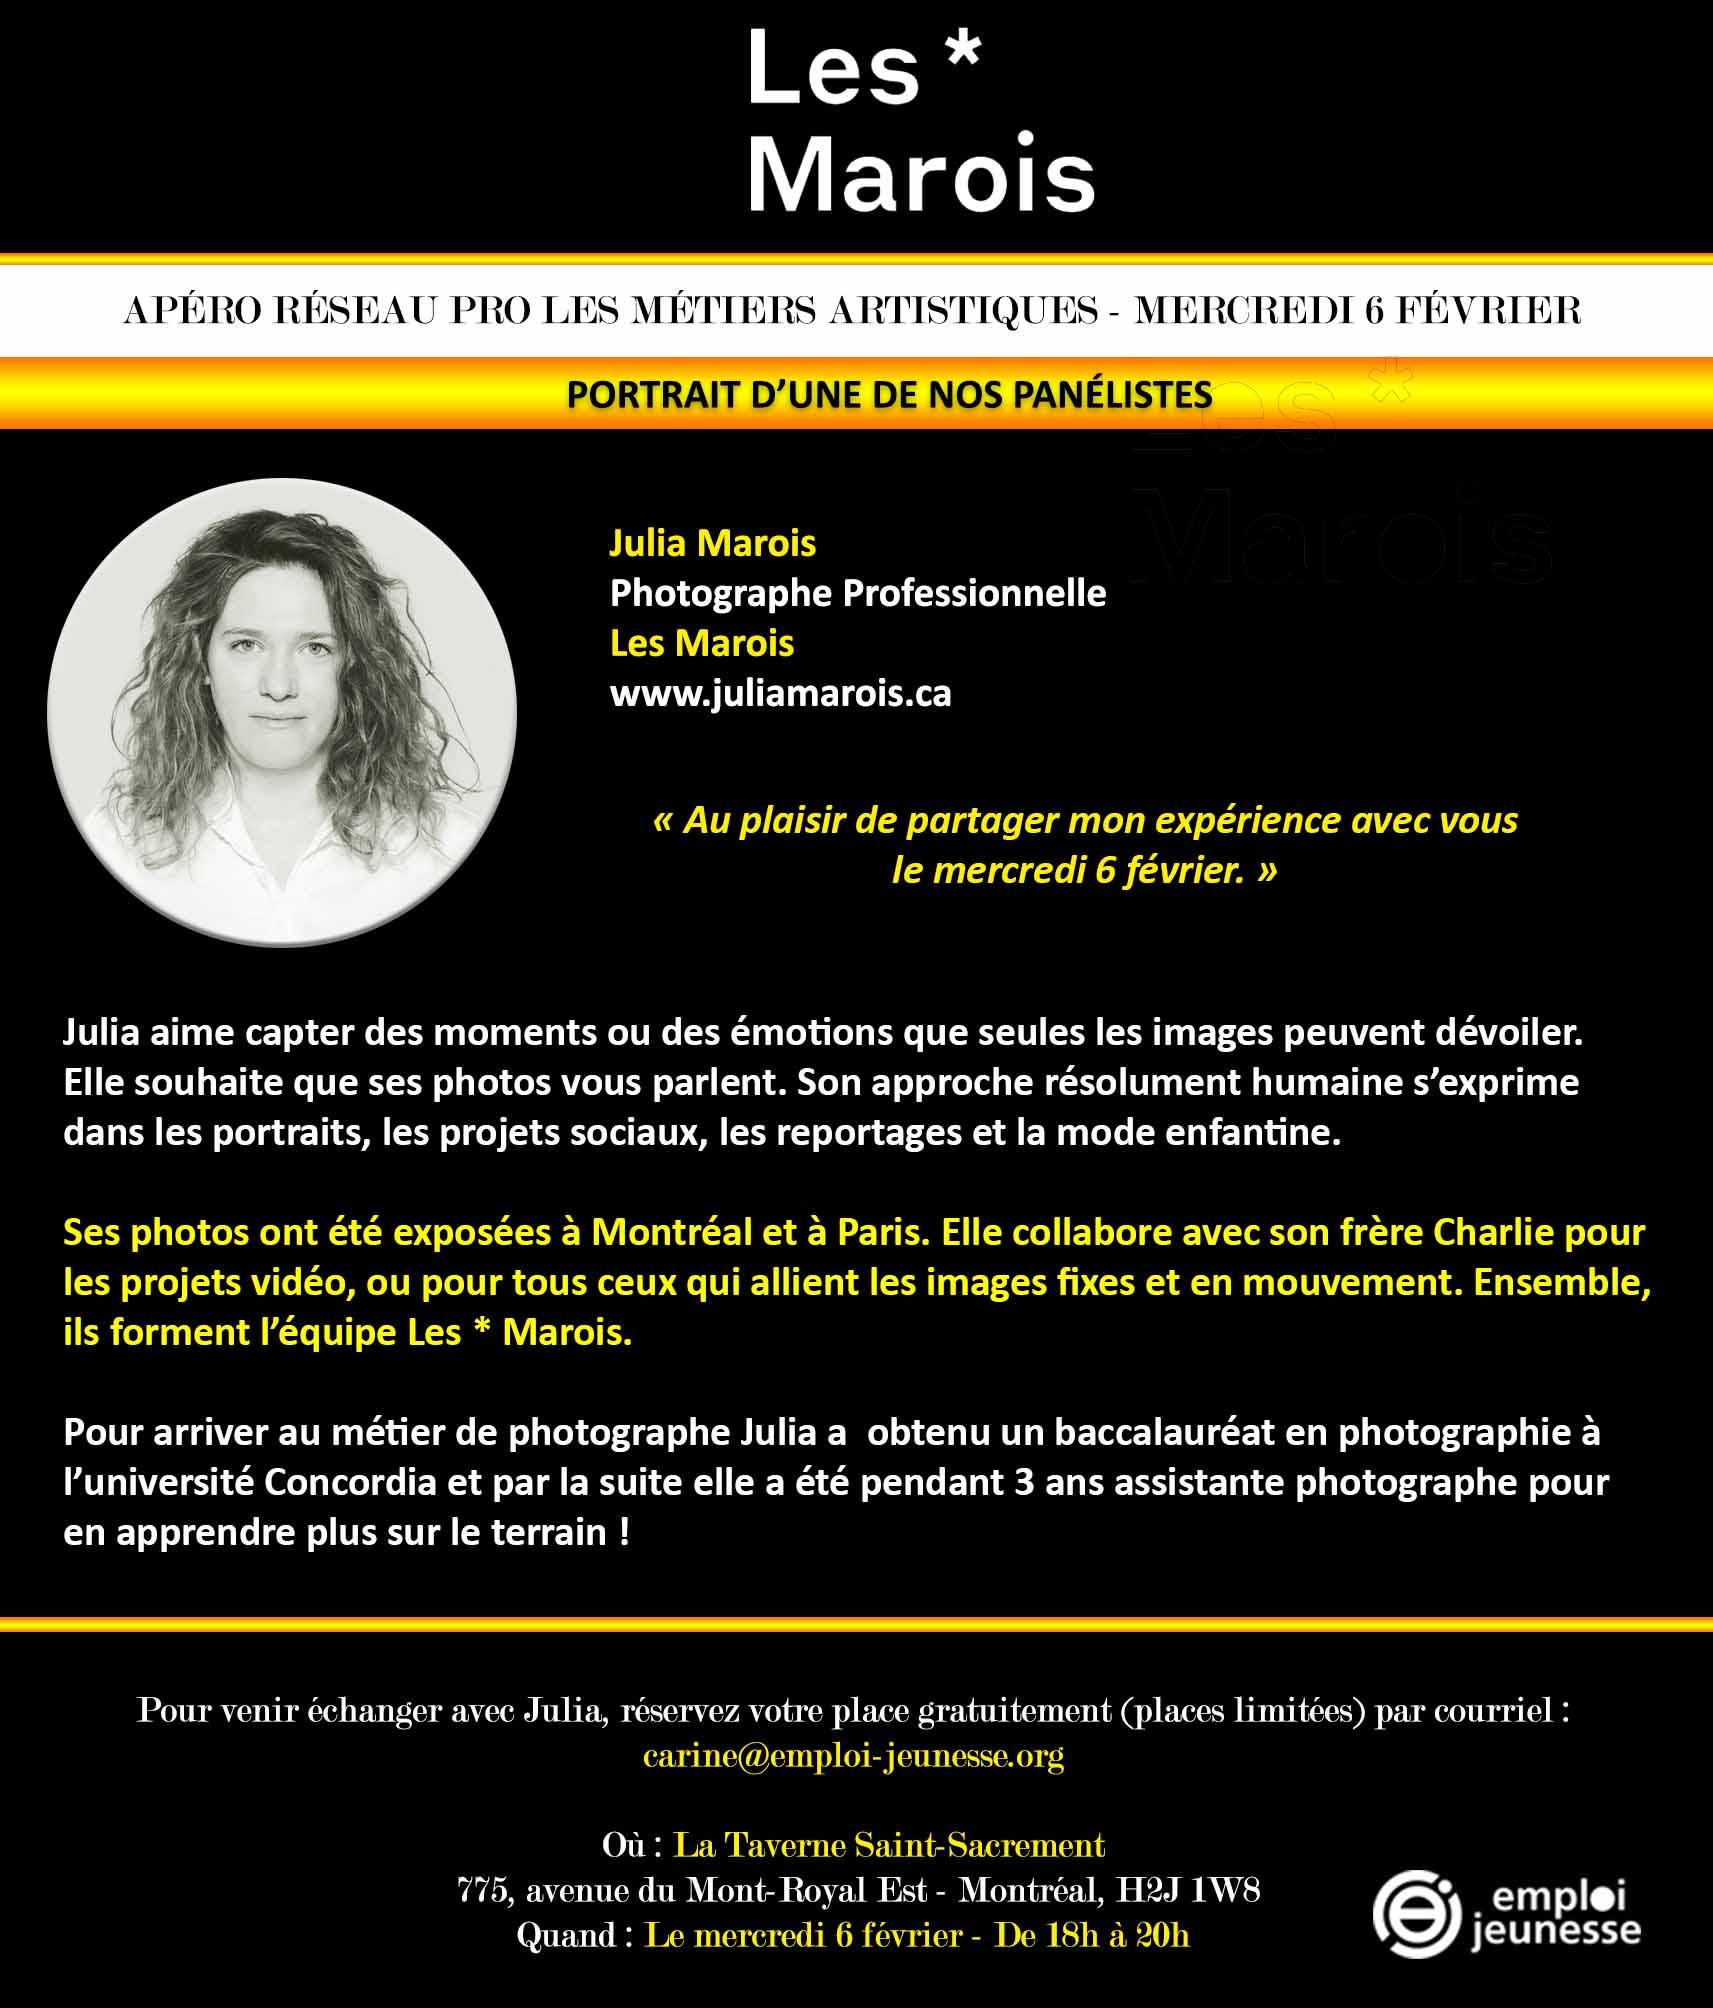 Fiche panéliste Julia Marois - Photographe